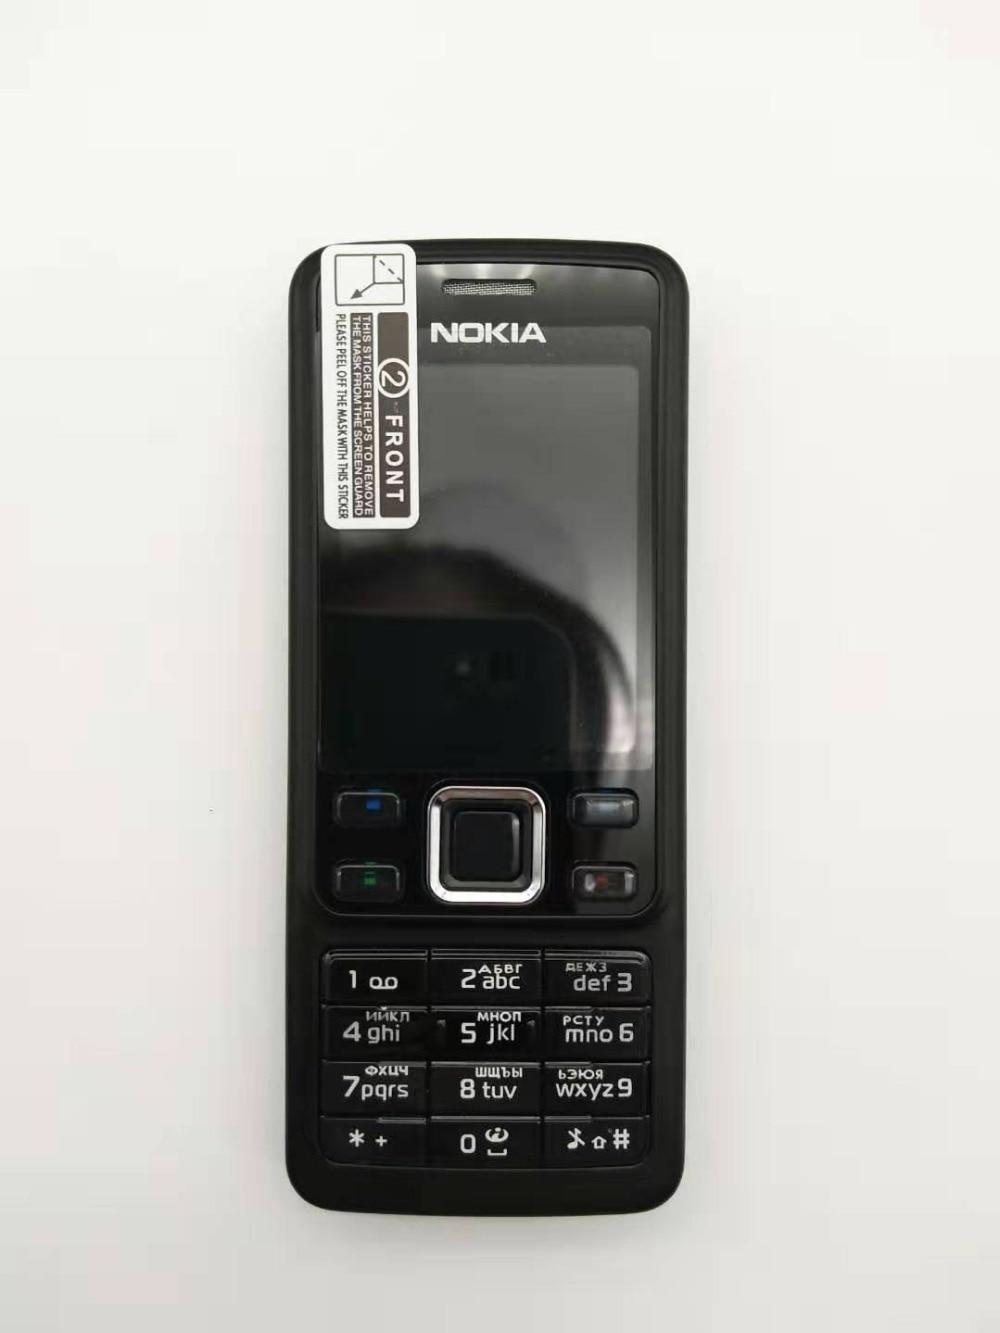 Горячая Распродажа~ разблокированный мобильный телефон Nokia 6300 разблокированный 6300 FM MP3 Bluetooth мобильный телефон один год гарантии - Цвет: Черный